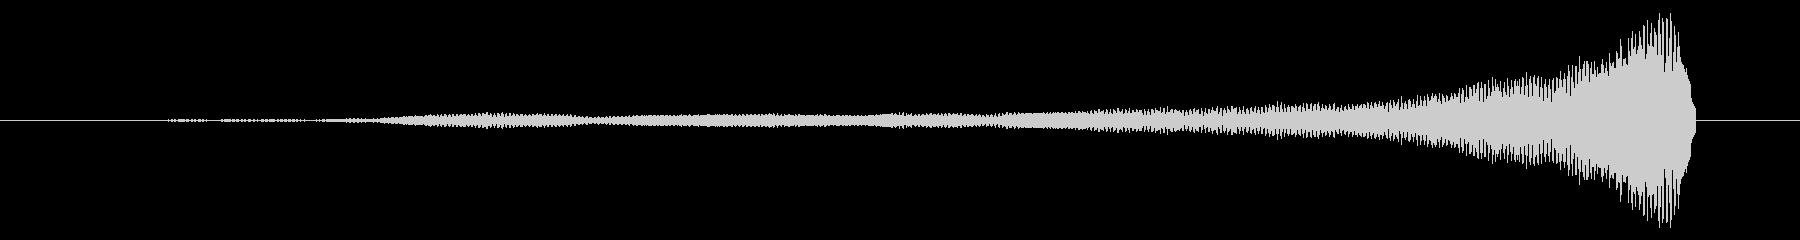 「フィーン」リバースピアノ シリアス の未再生の波形